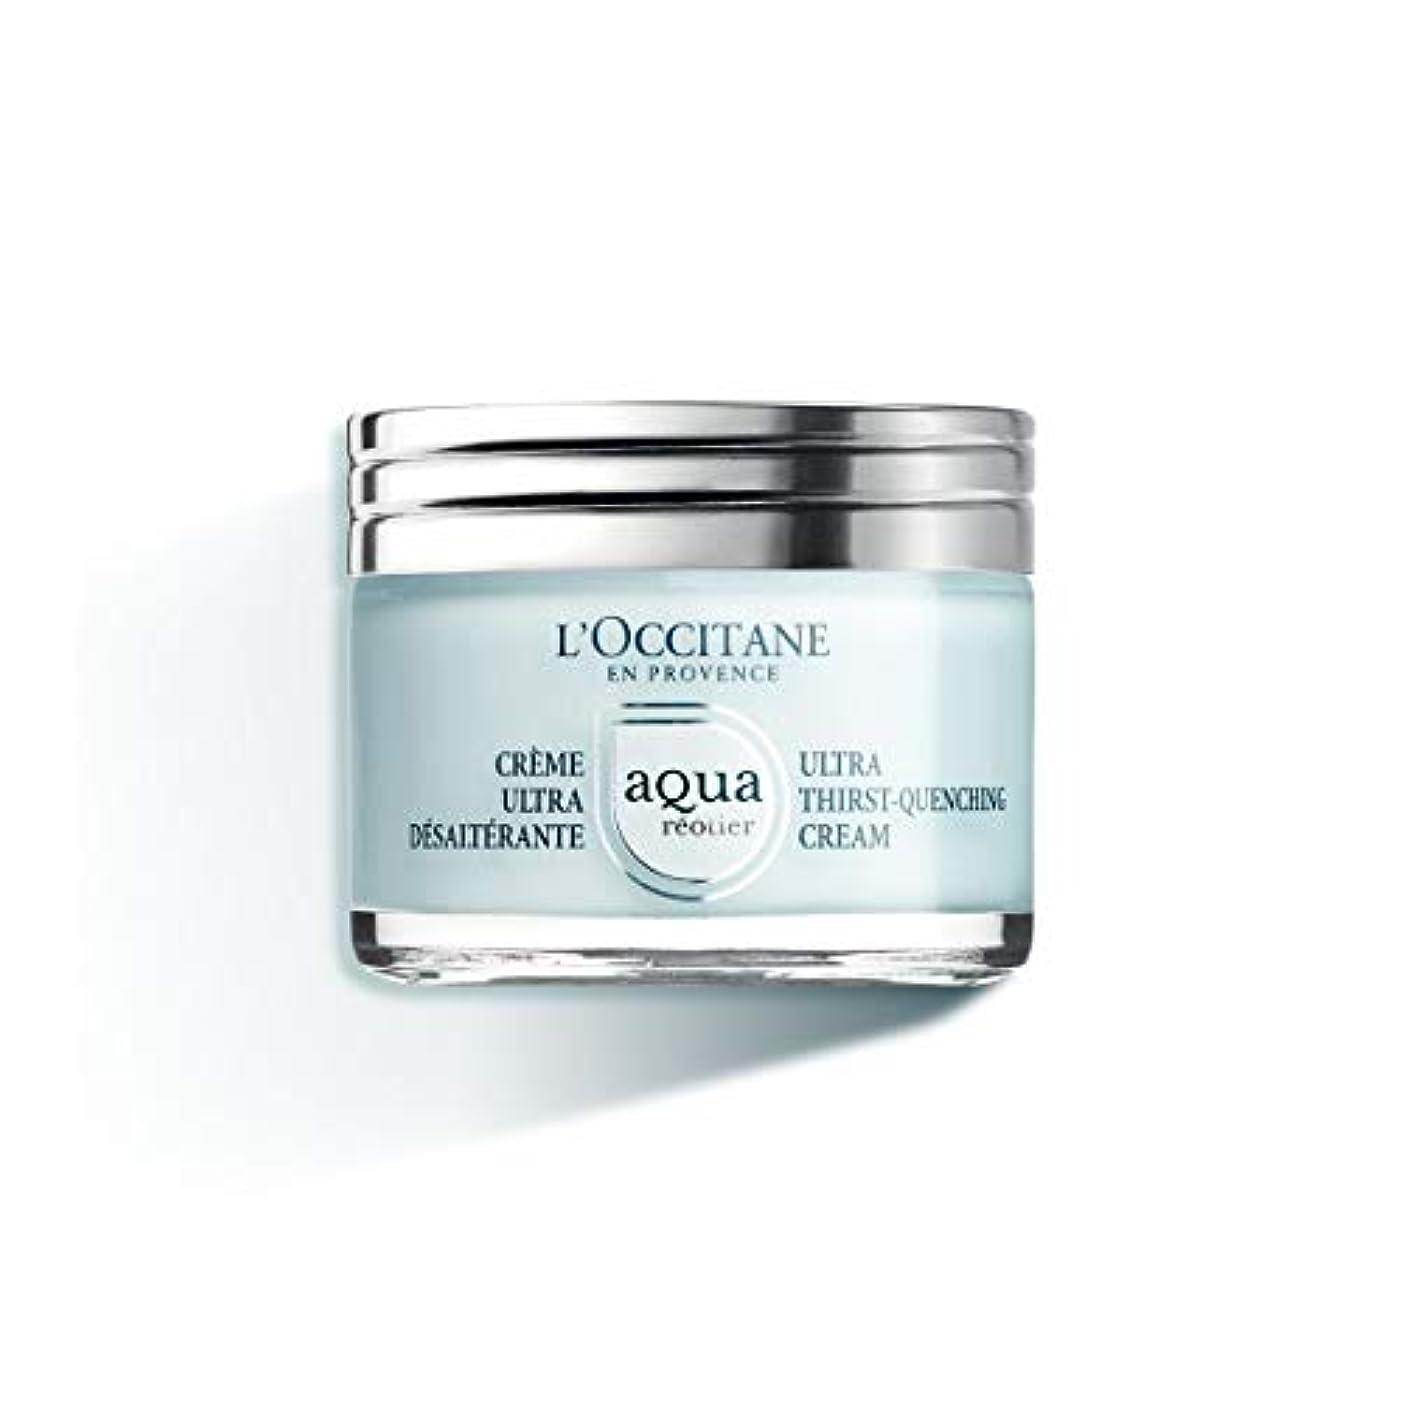 ロクシタン(L'OCCITANE) アクアレオティエ ハイドレーションクリーム 50ml